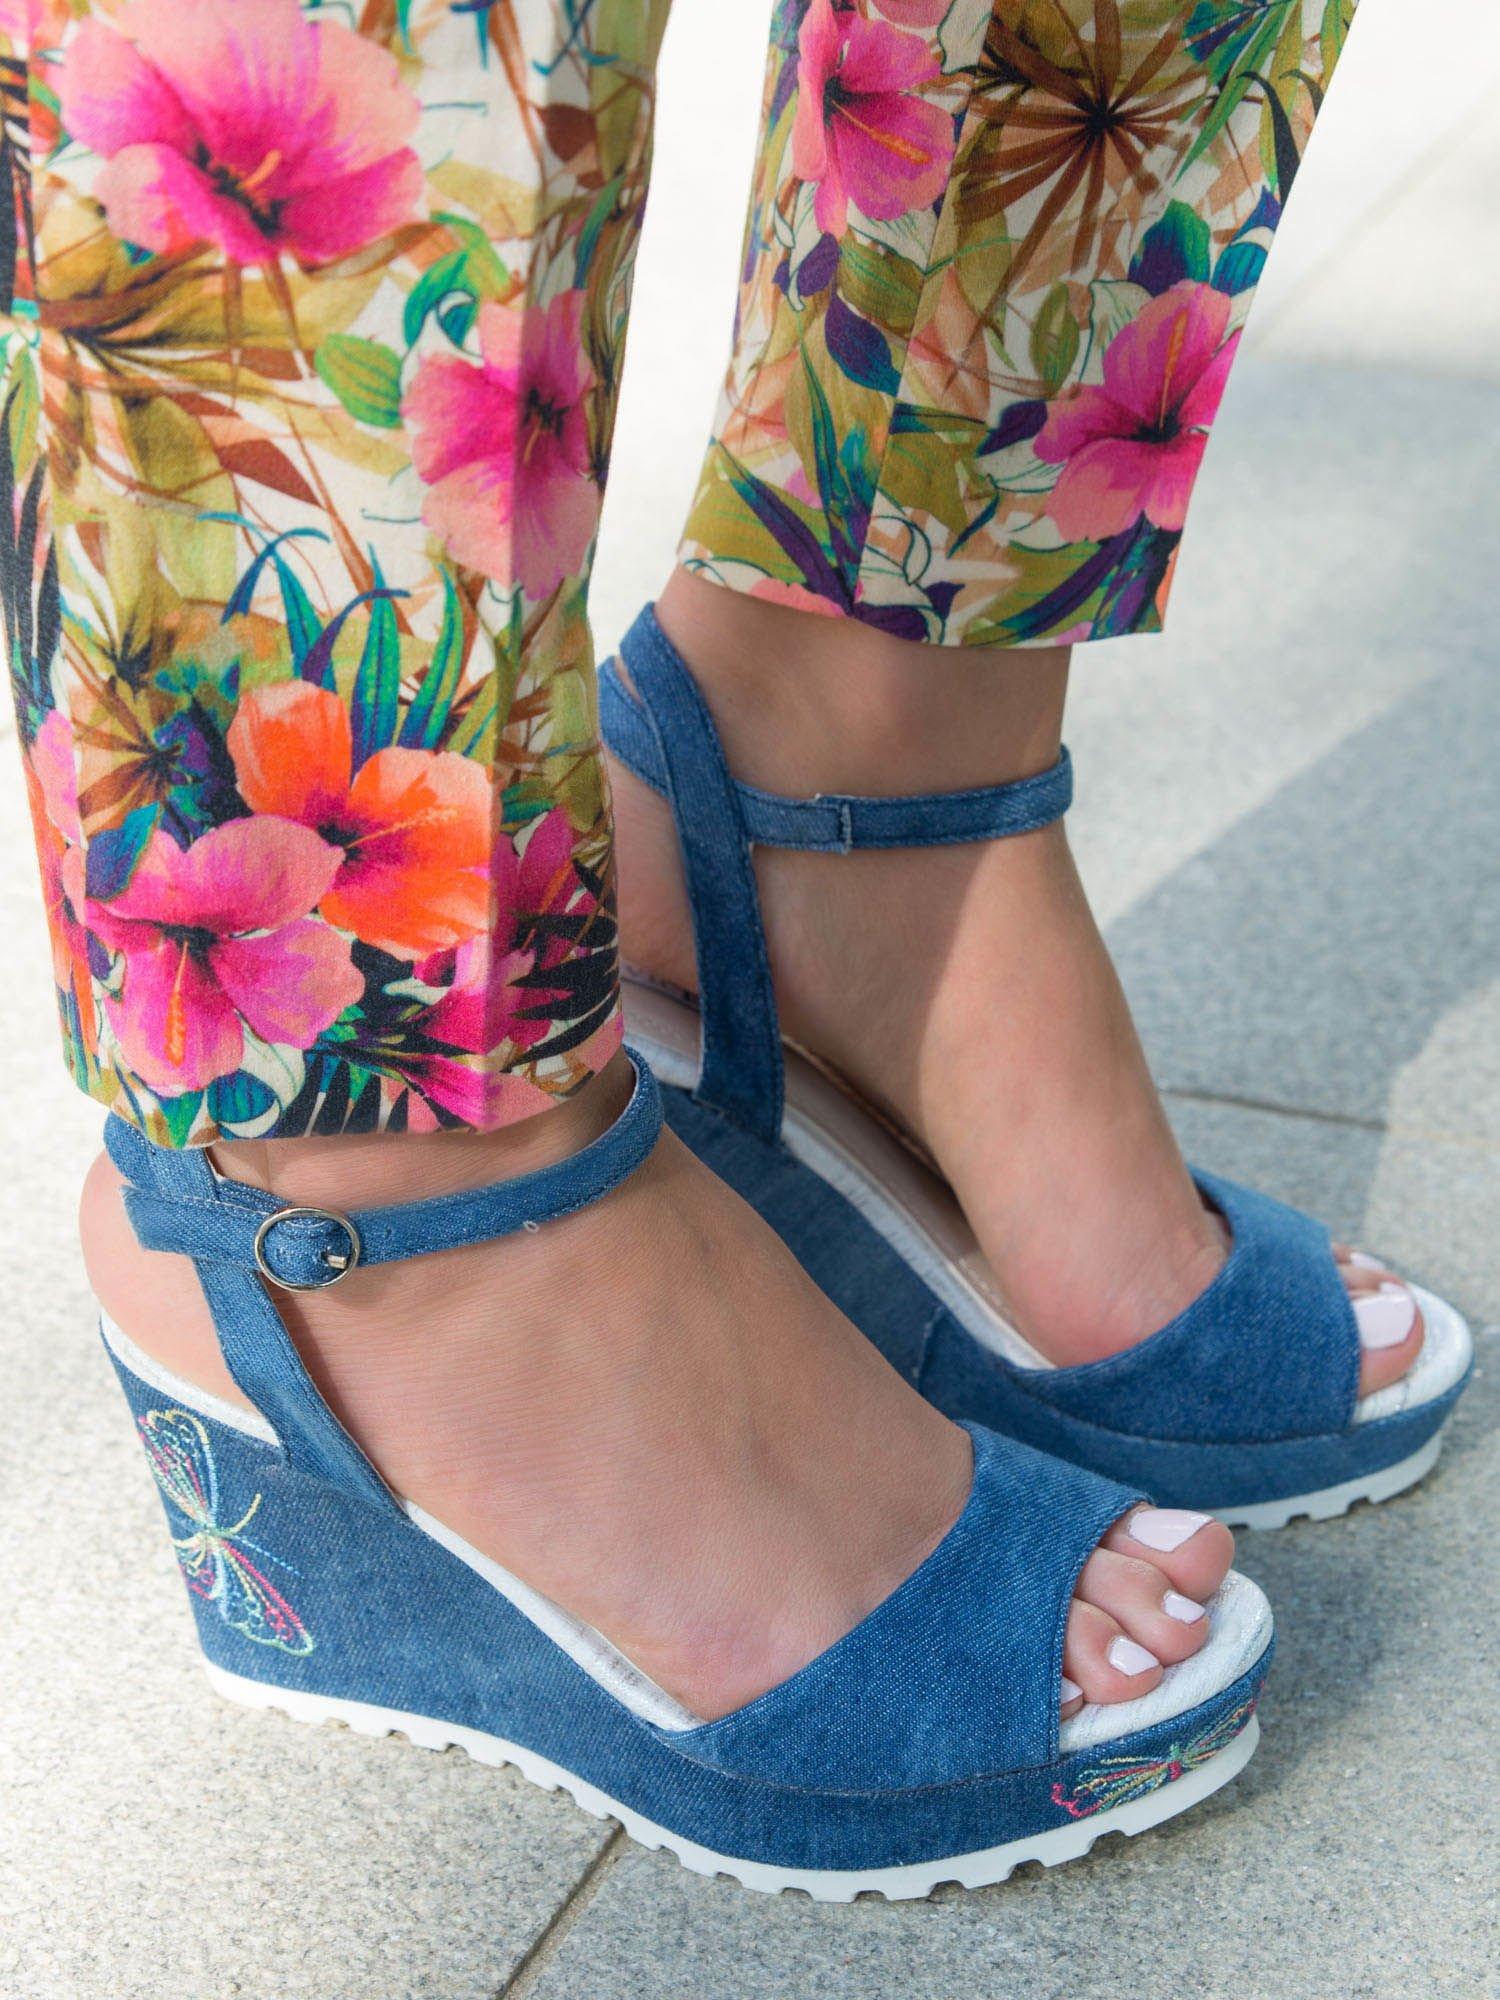 866ad6b07ffe8 1; Niebieskie denim sandały na koturnach z haftowanym motylem zapinane w  kostce ...